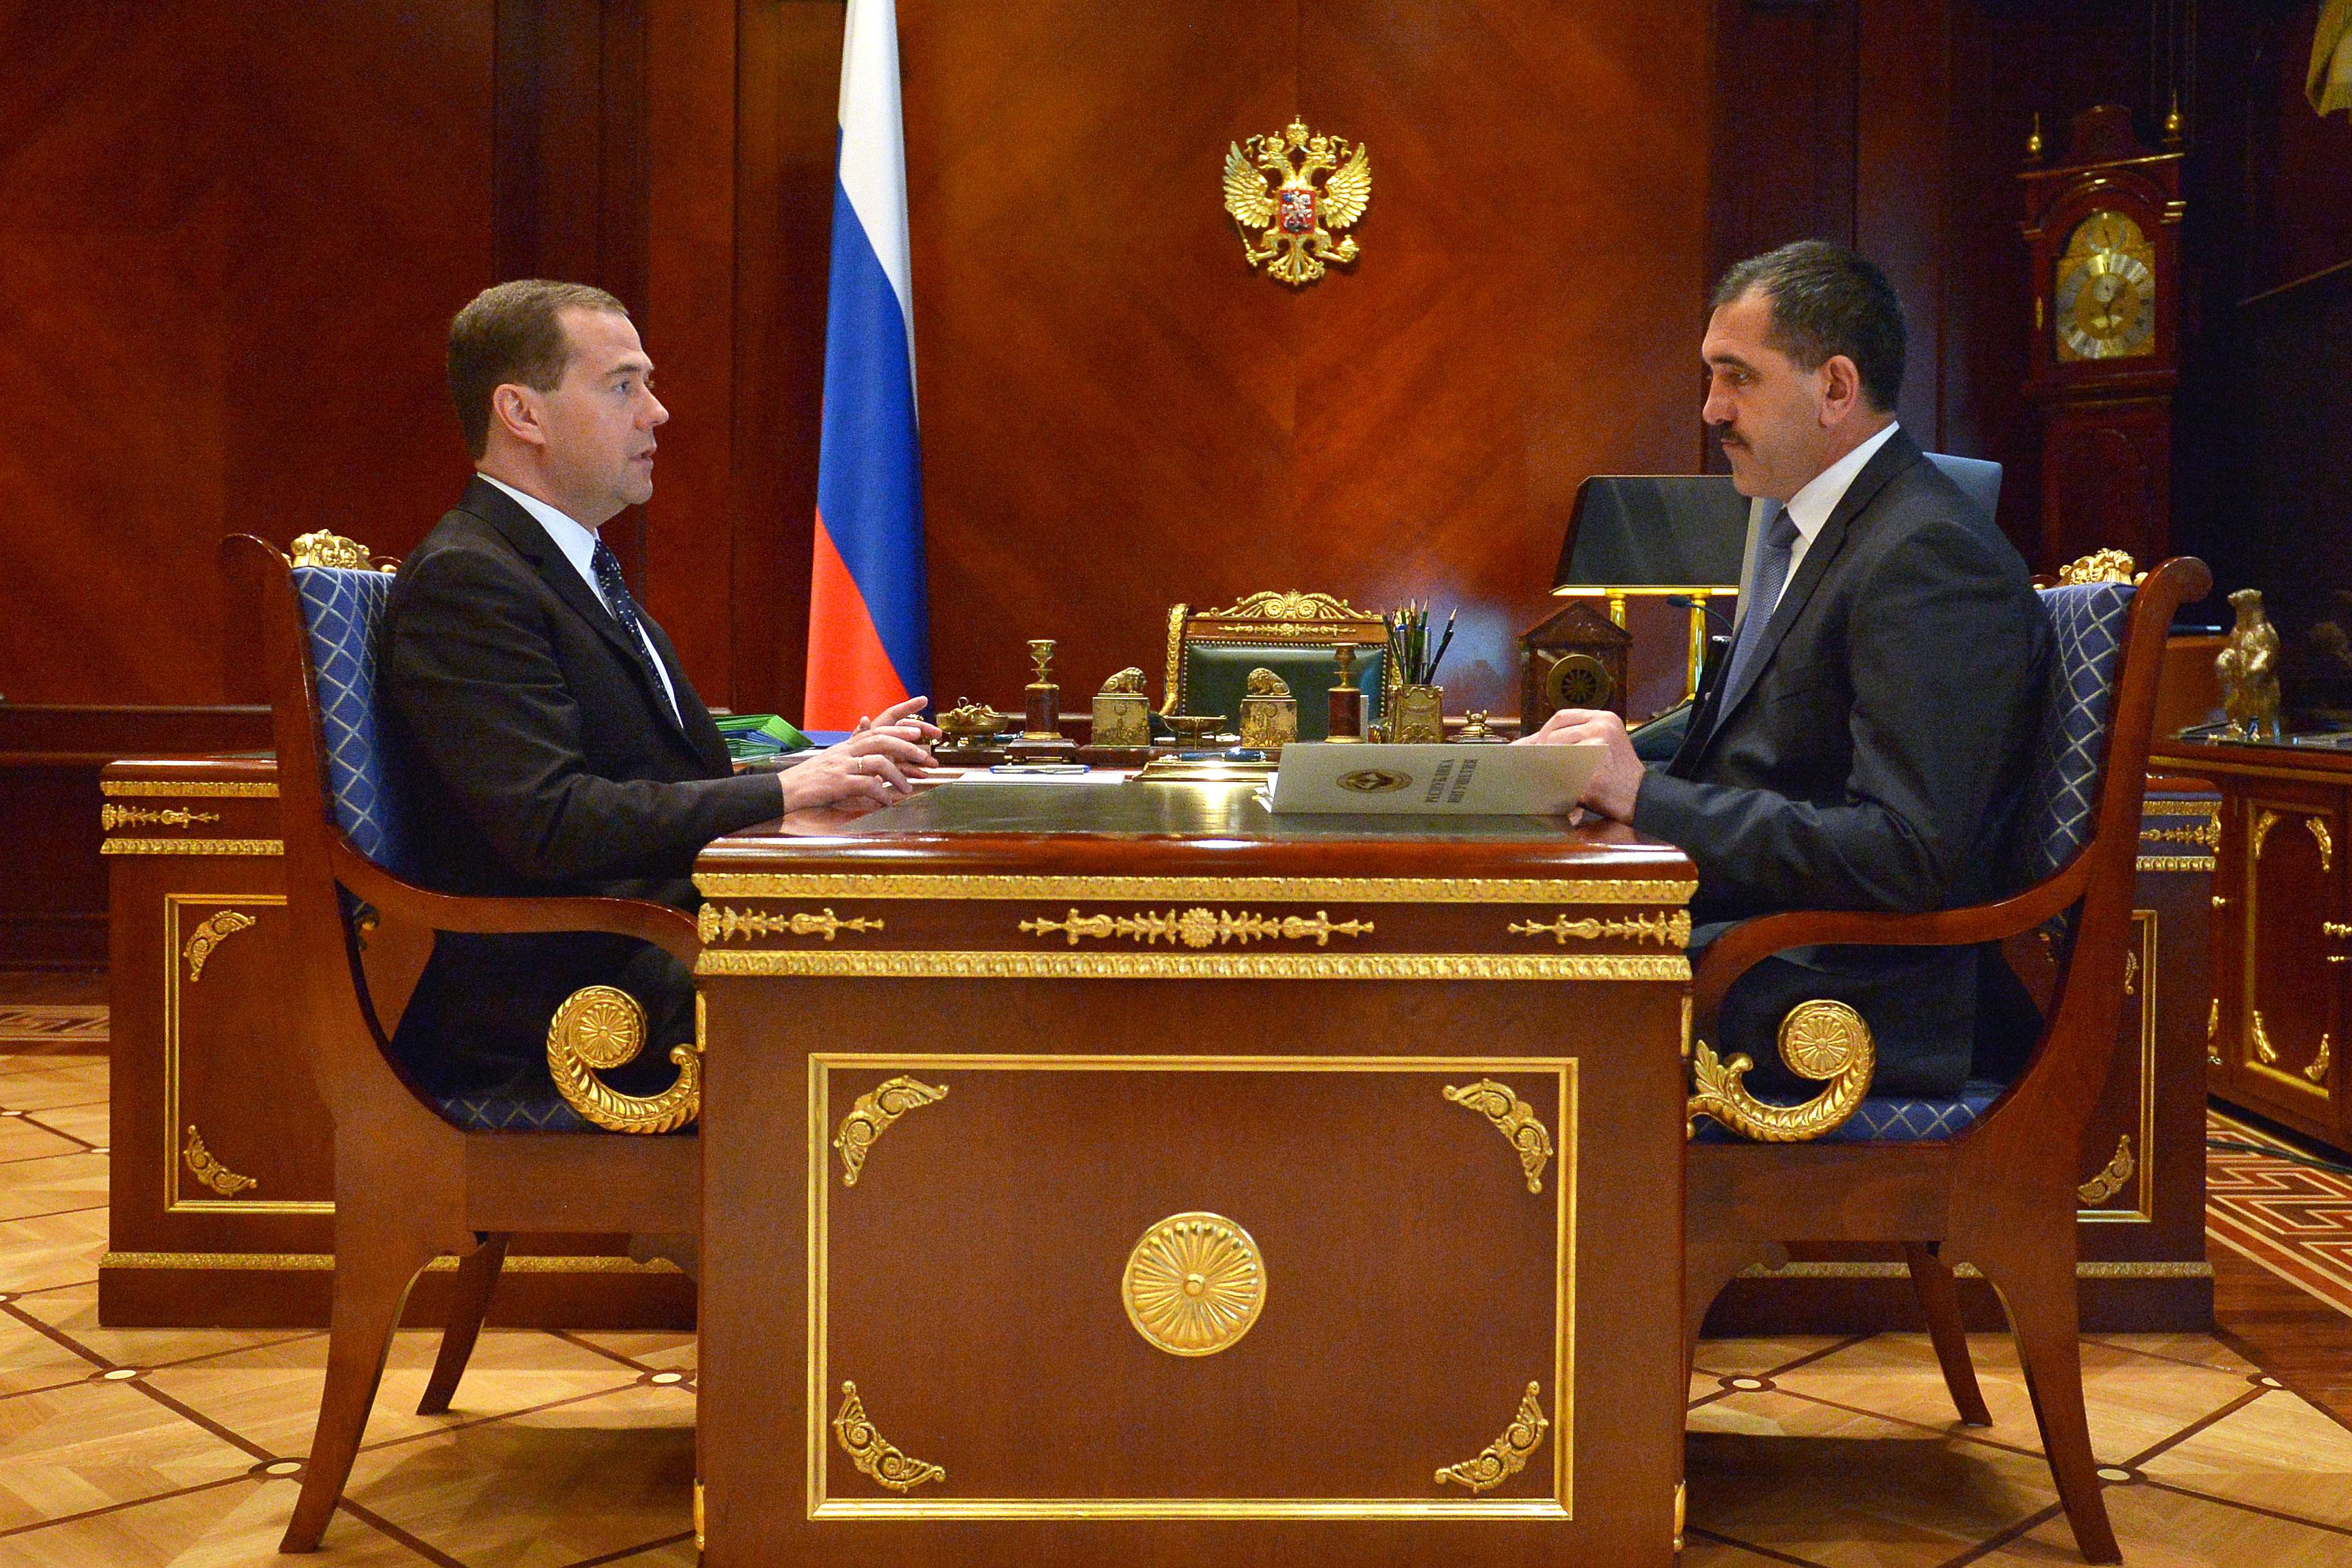 Дмитрий Медведев во время встречи с президентом Ингушетии Юнус-Бек Евкуровым